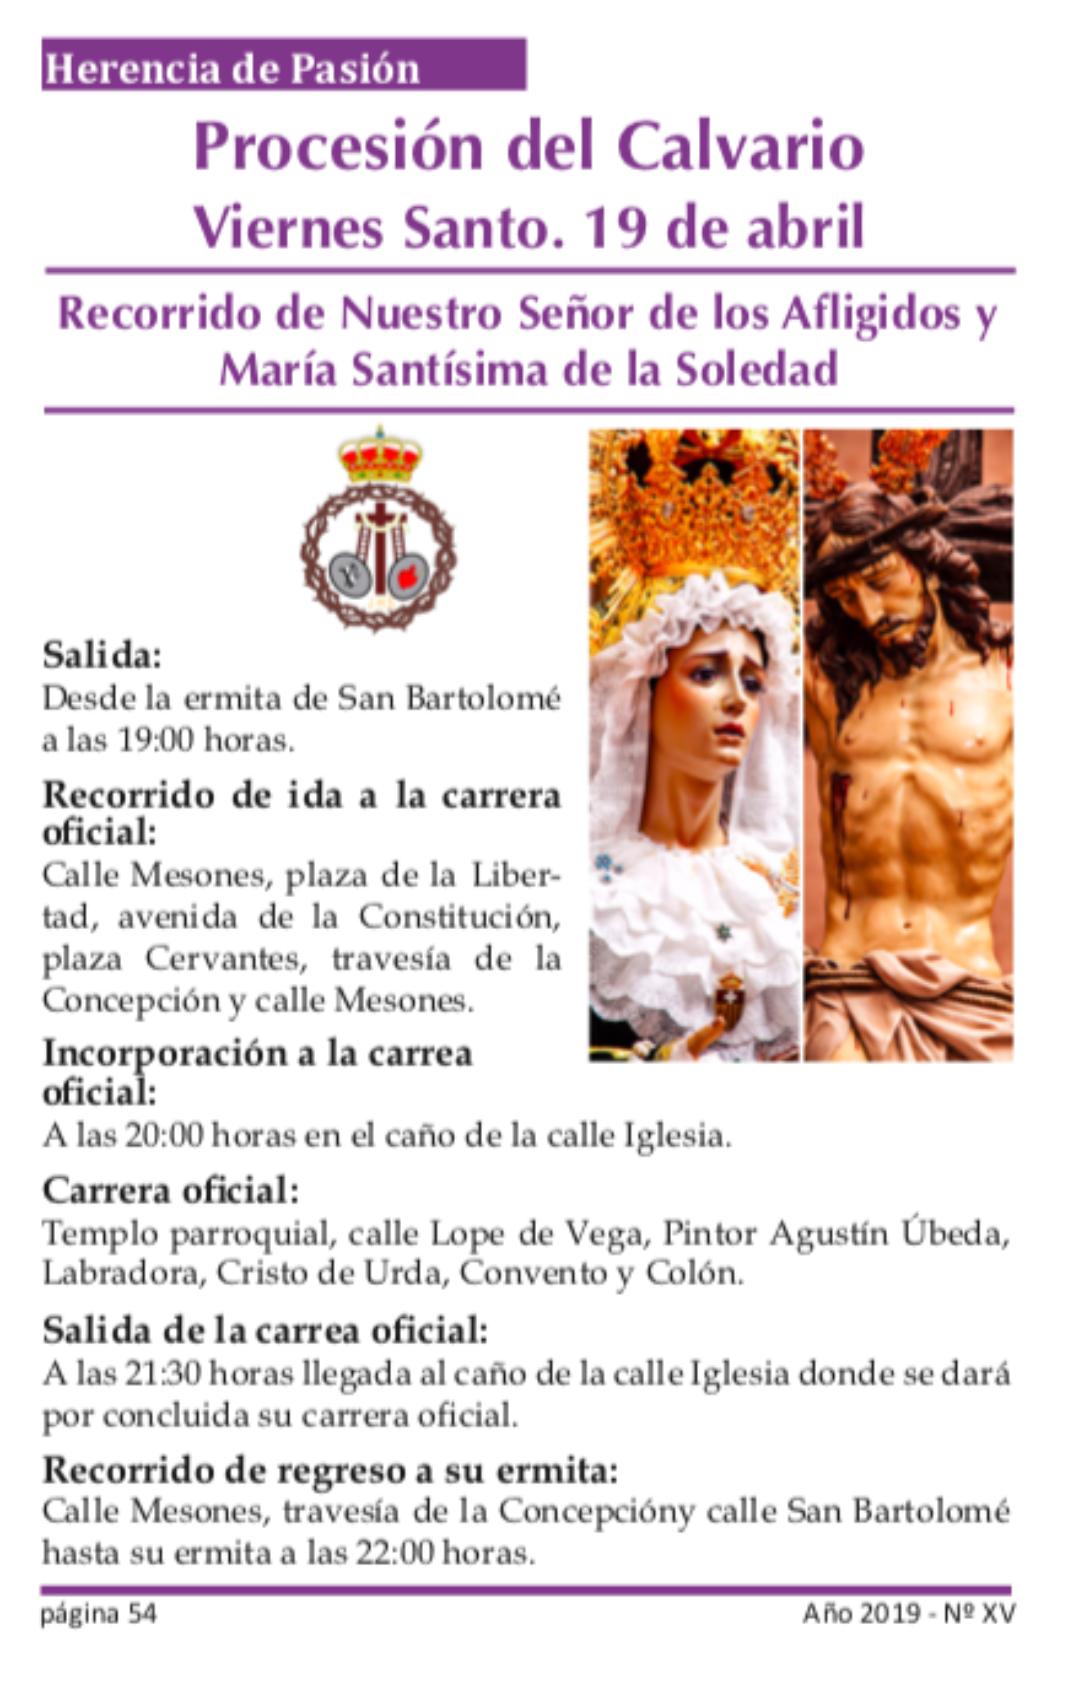 Recorrido y horarios de la procesión del Calvario 3